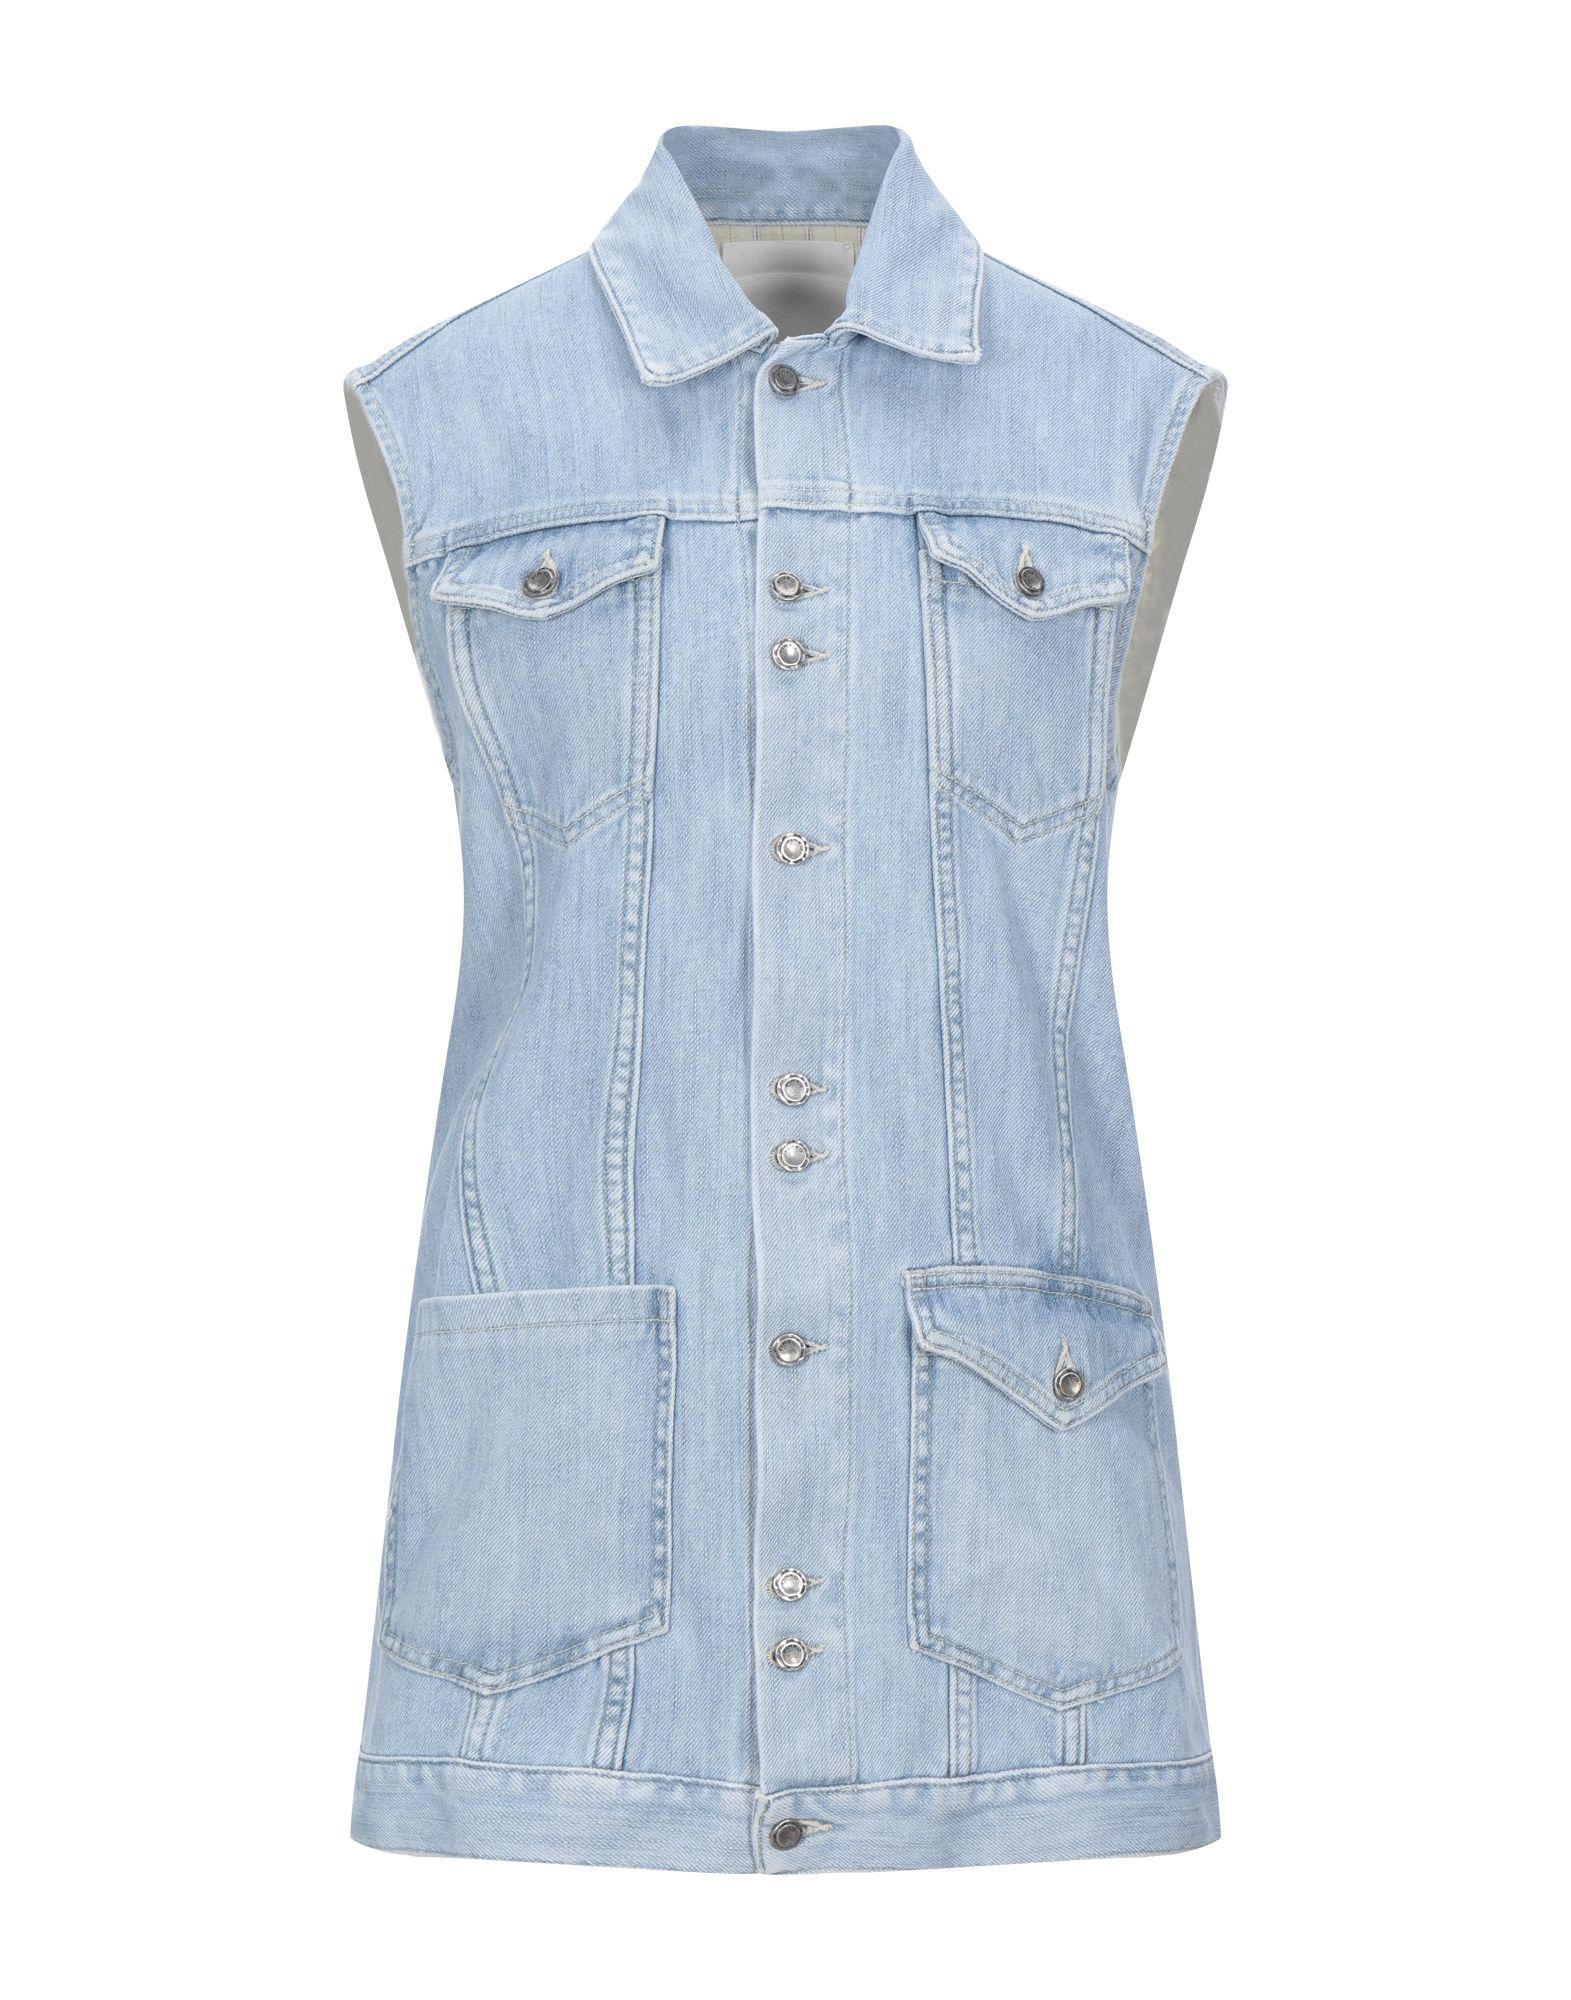 Фото - P_JEAN Джинсовая рубашка p_jean джинсовая юбка